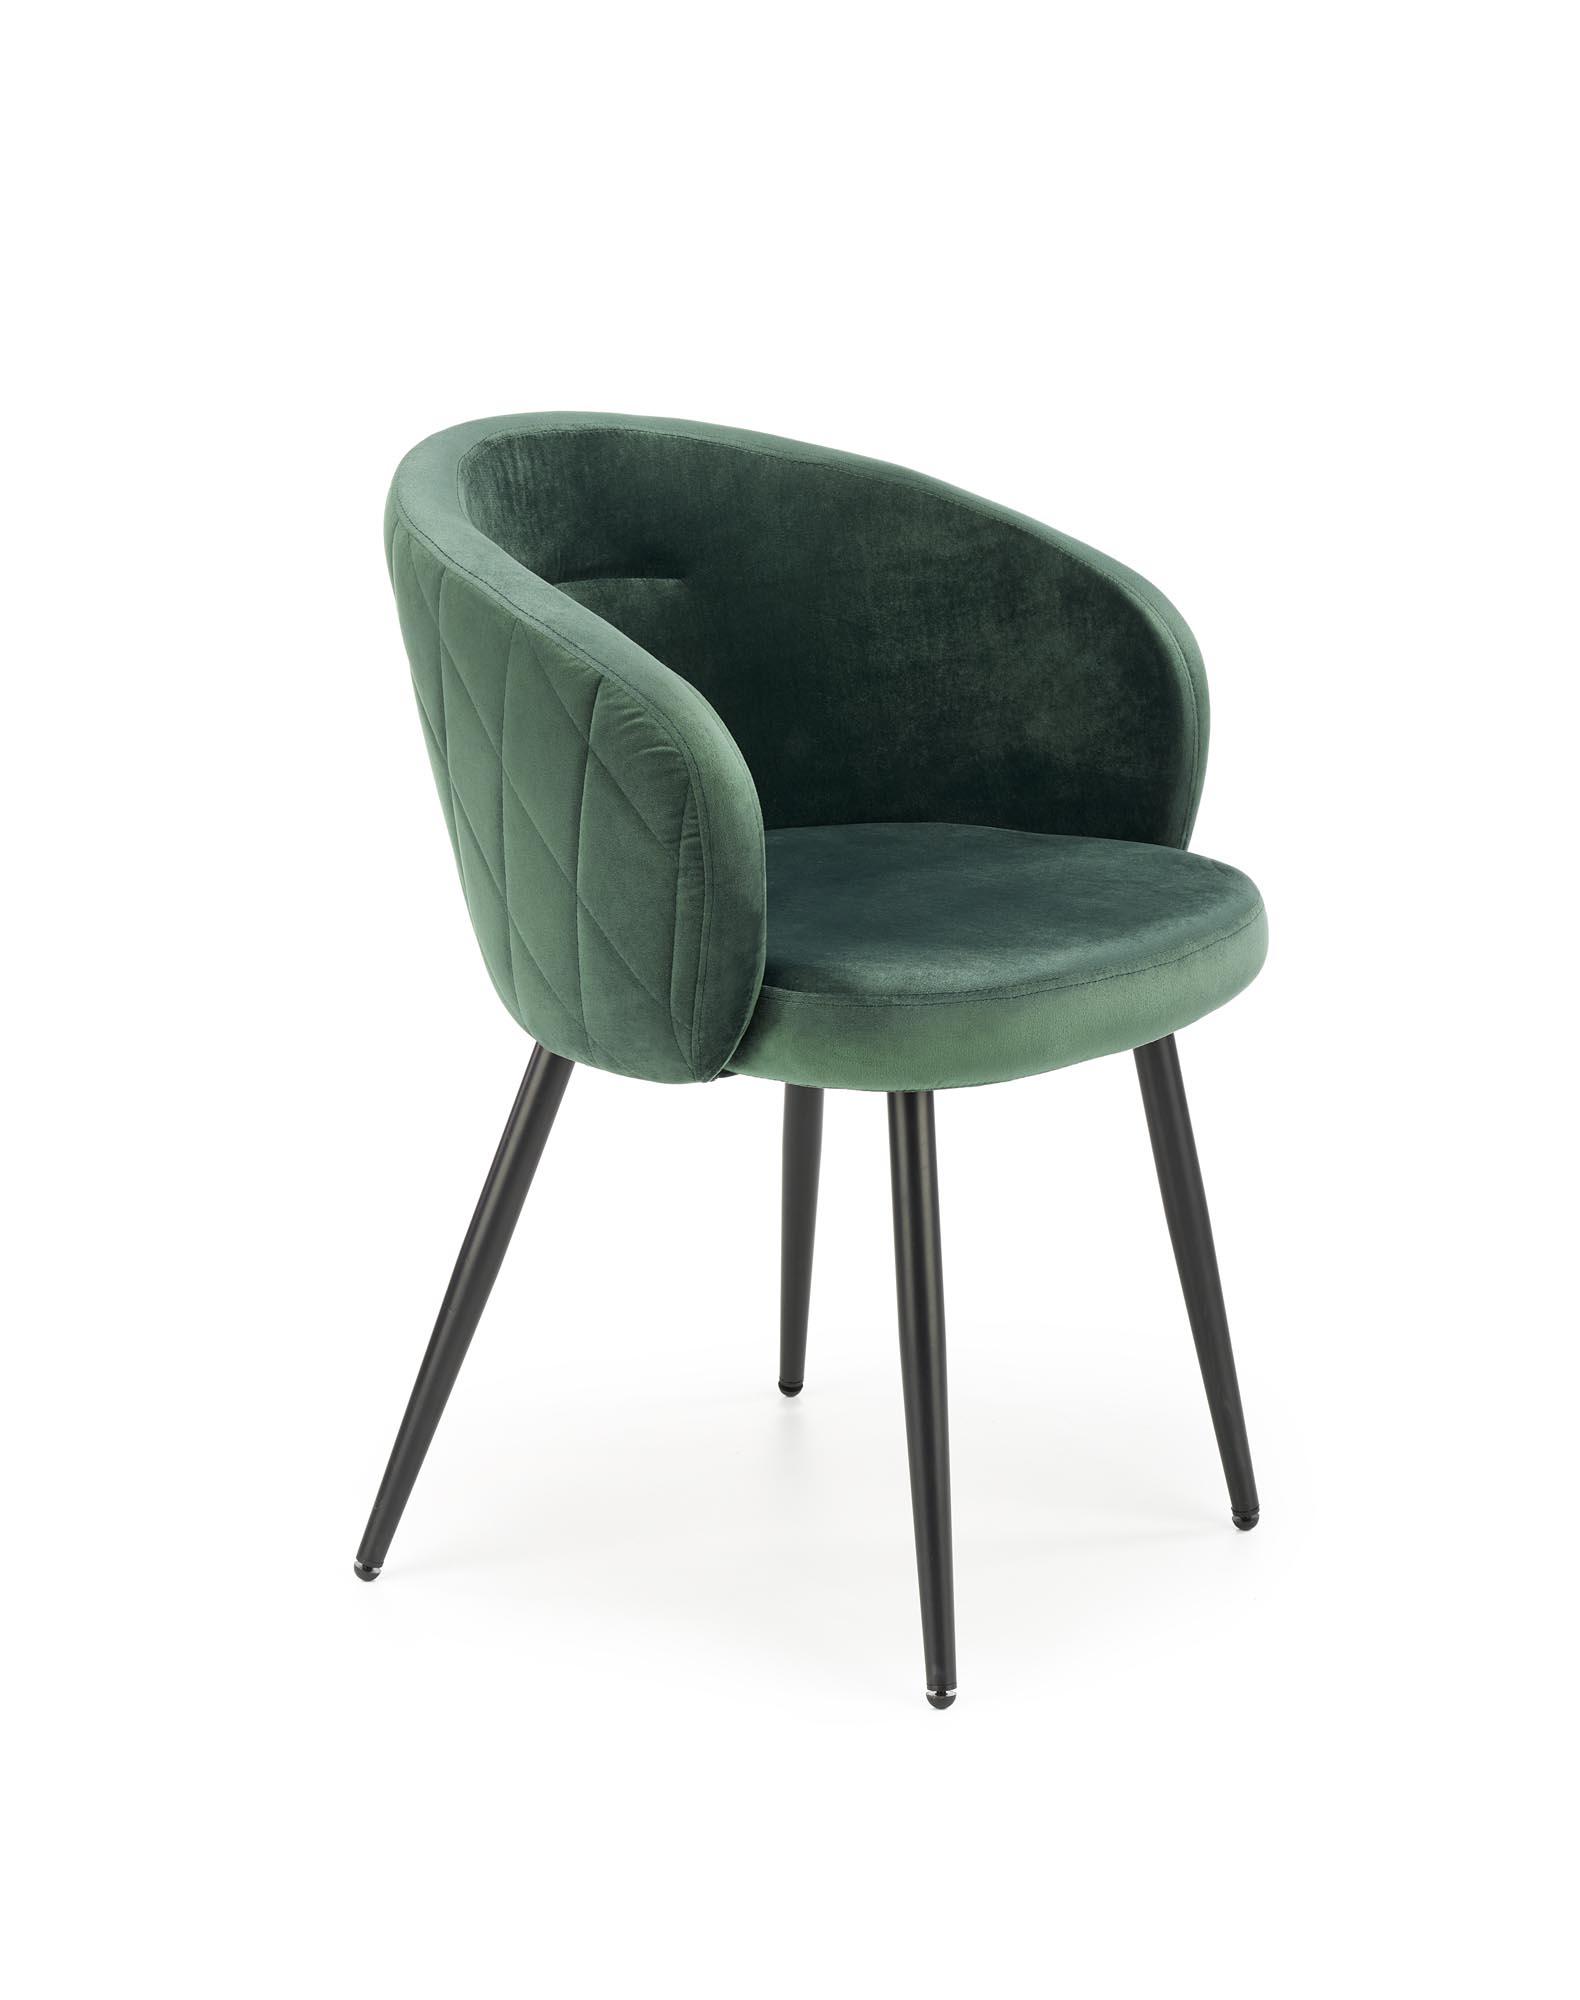 K430 krzesło ciemny zielony